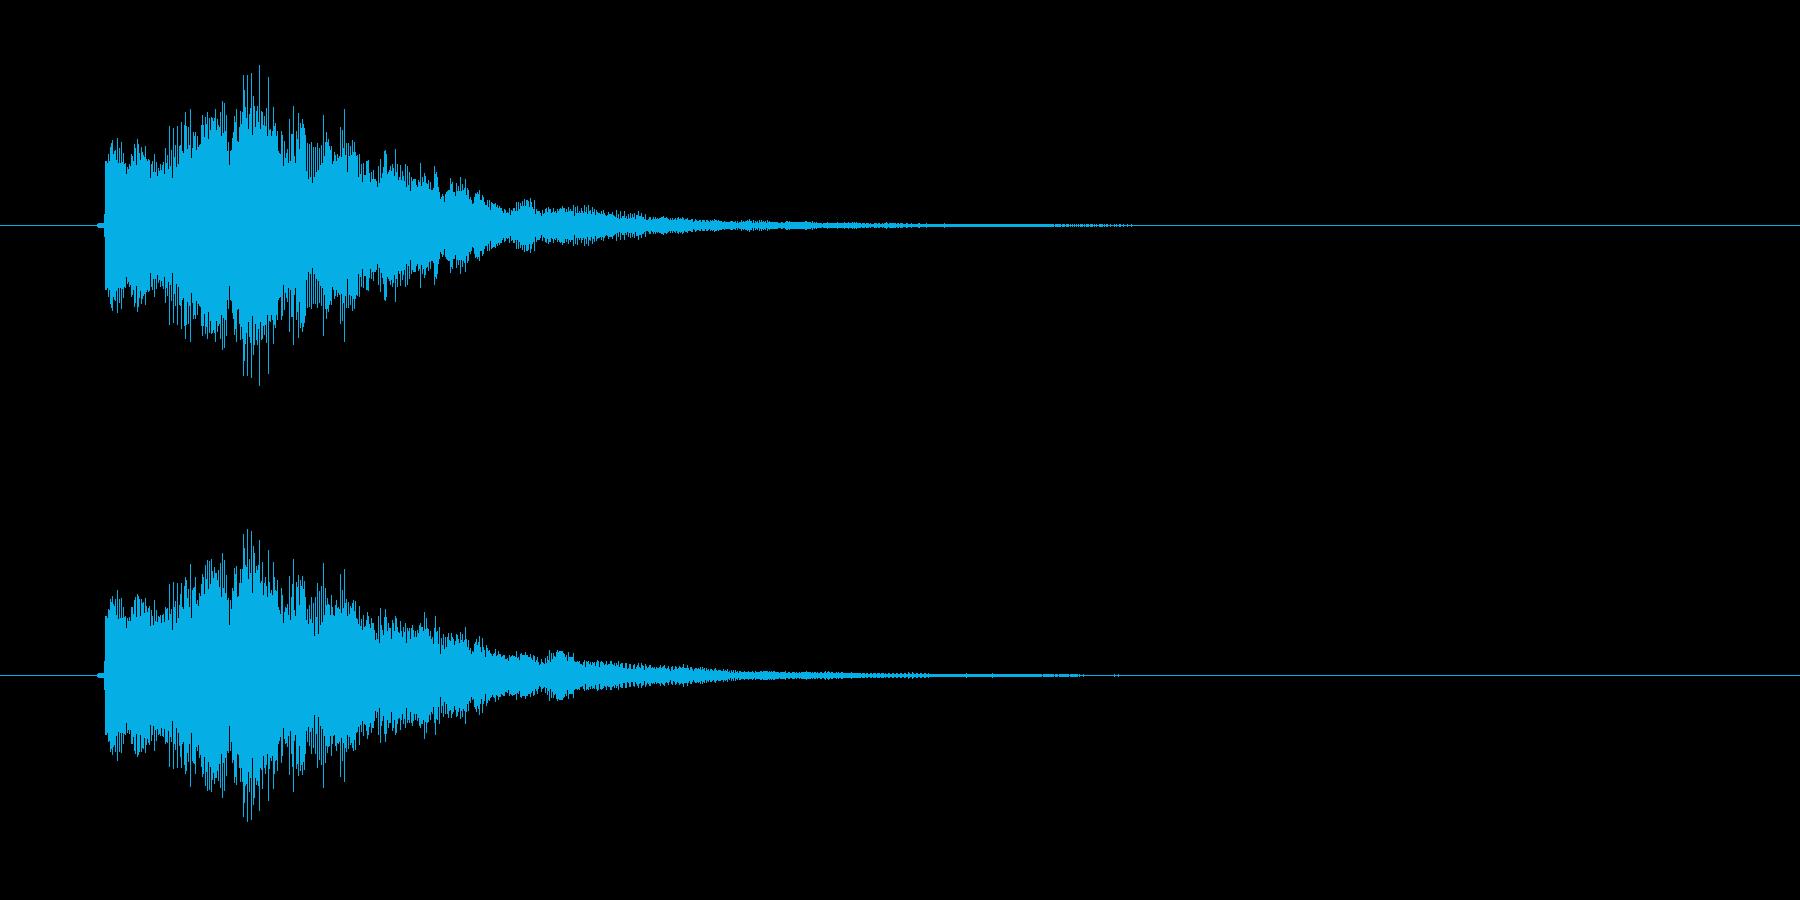 ピロロン(高音のお知らせ音)の再生済みの波形